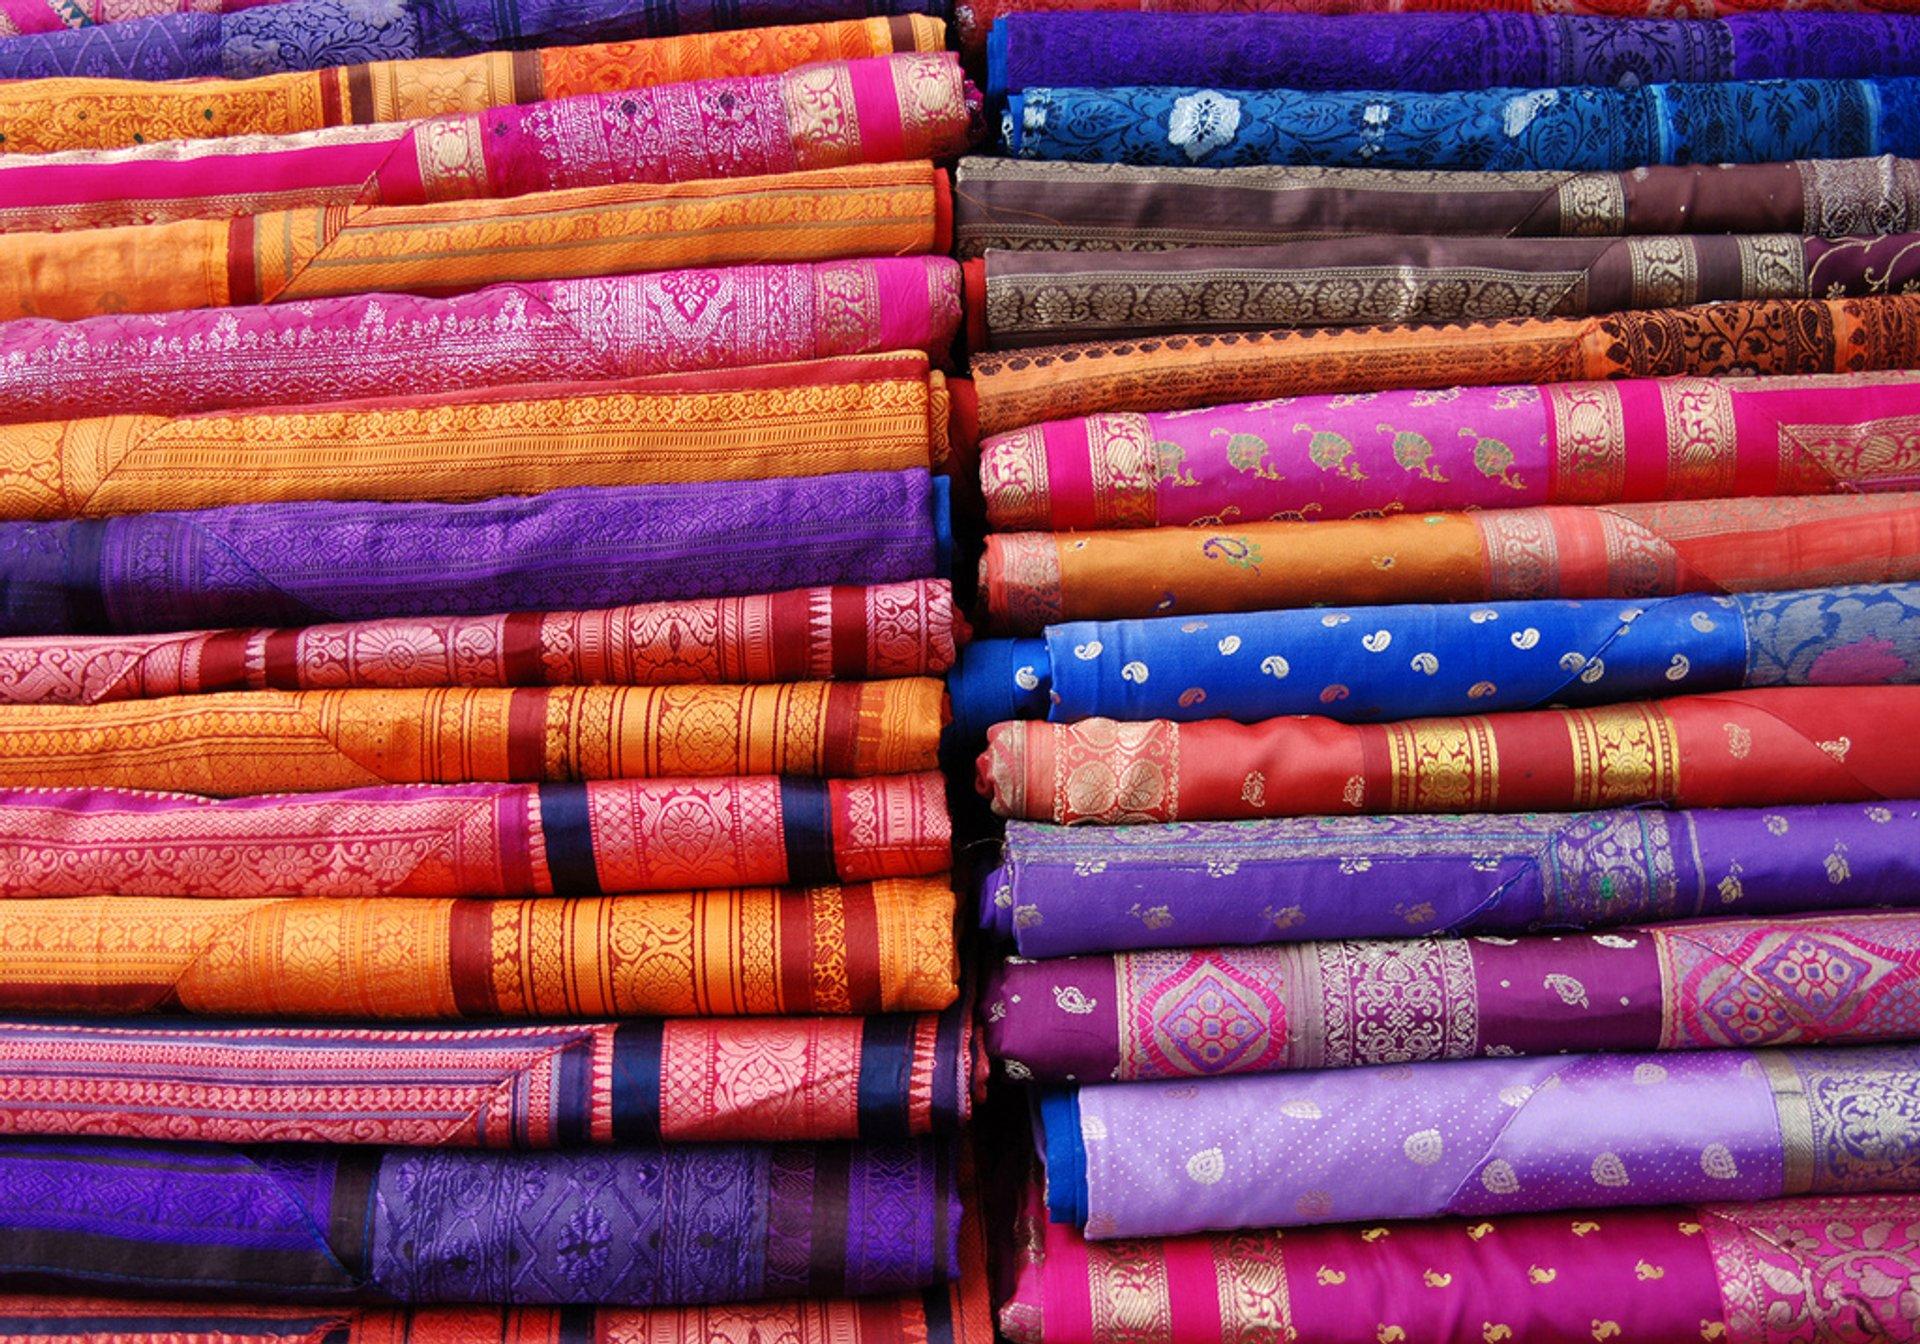 Goa textiles 2020